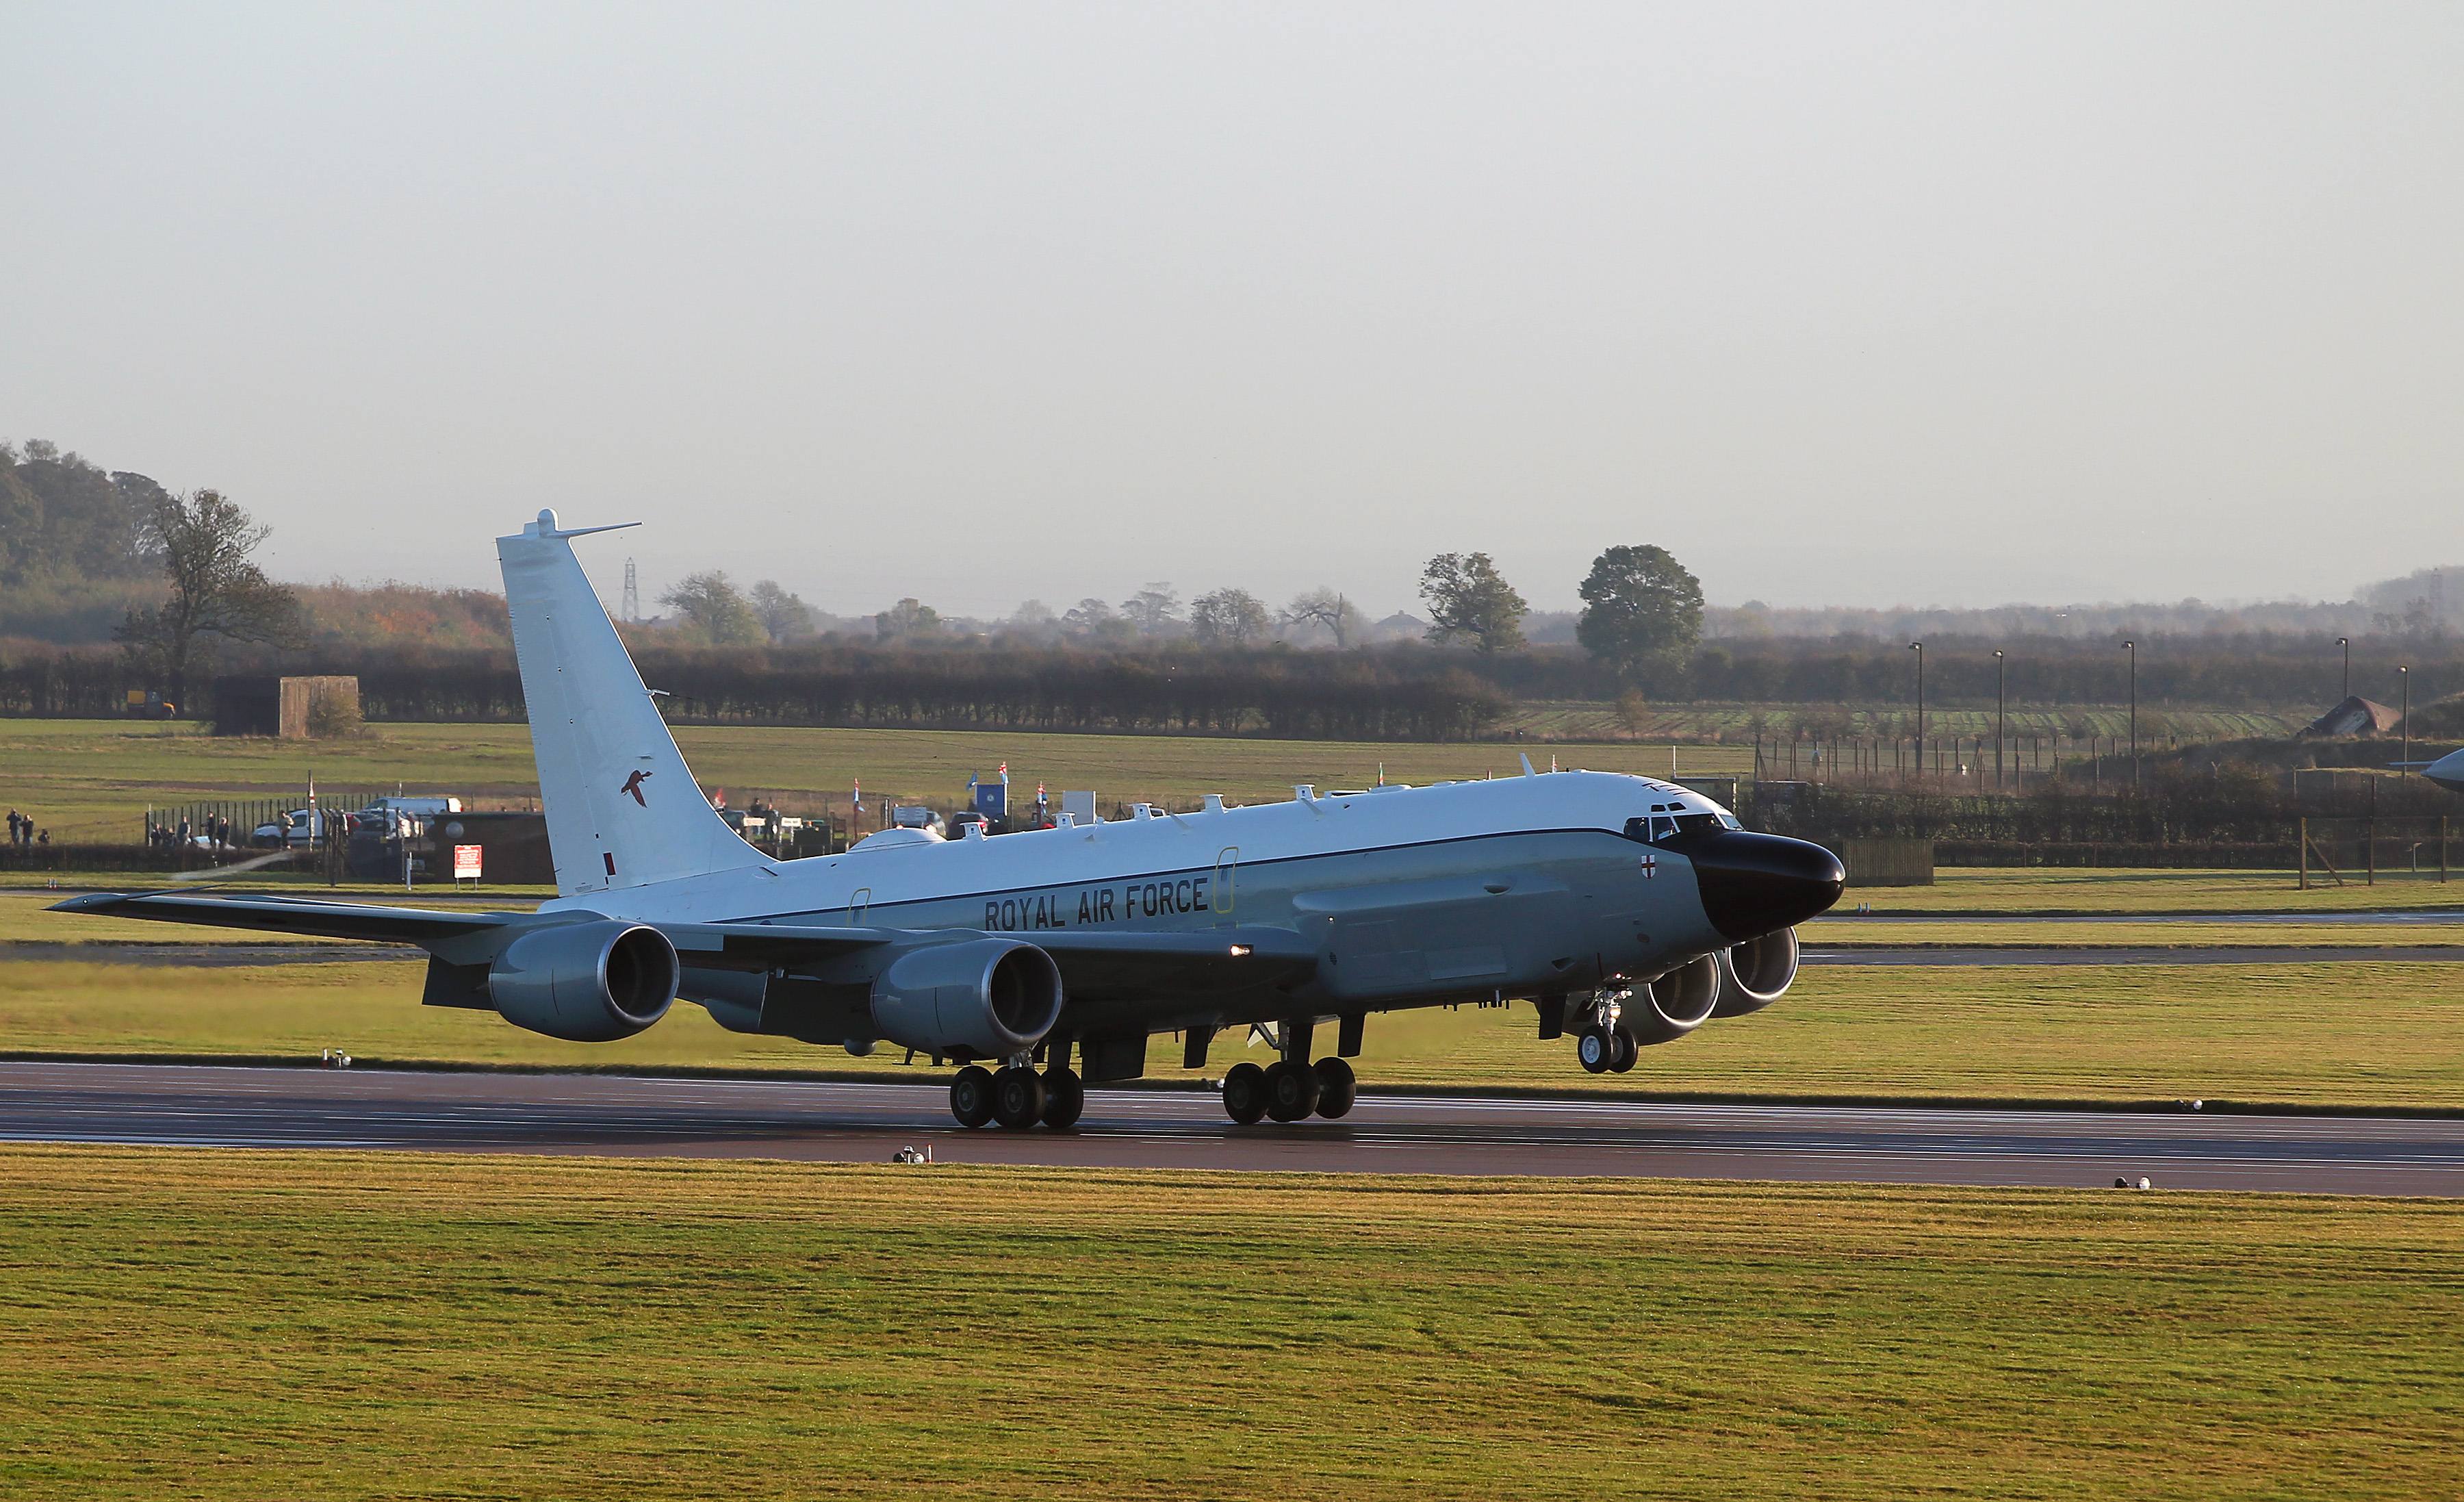 Обои истребители, Royal Air Force, сопровождение, самолеты, Red arrows, транспортный, Airbus A400M Atlas, четырёхмоторный, Красные стрелы. Авиация foto 13